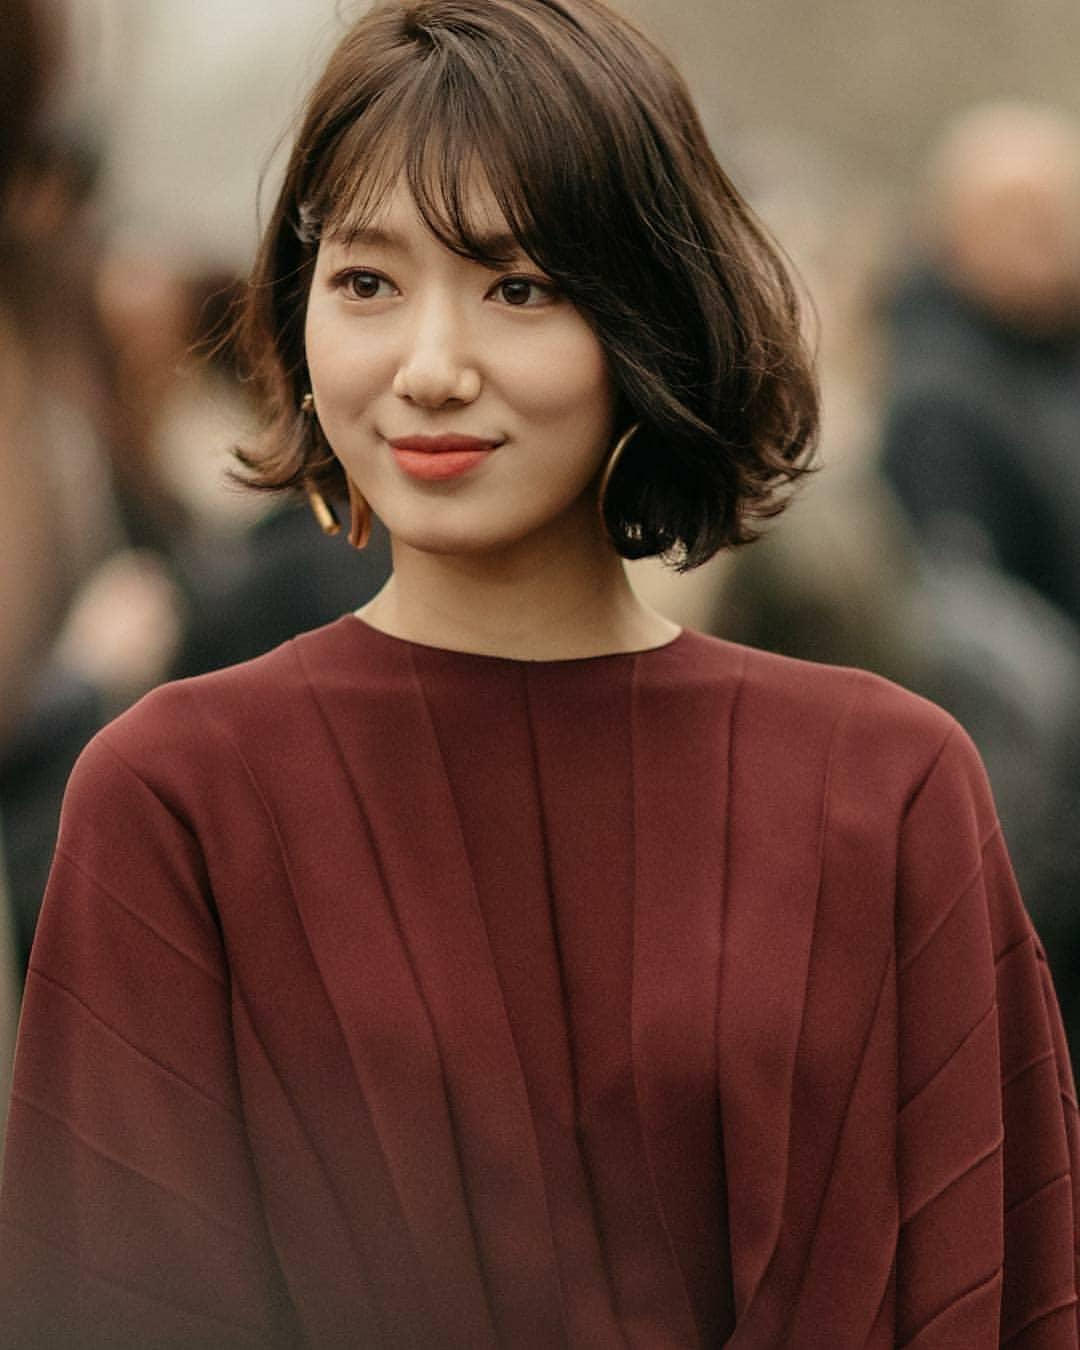 Kiểu tóc ngắn sang trọng cho phụ nữ U50